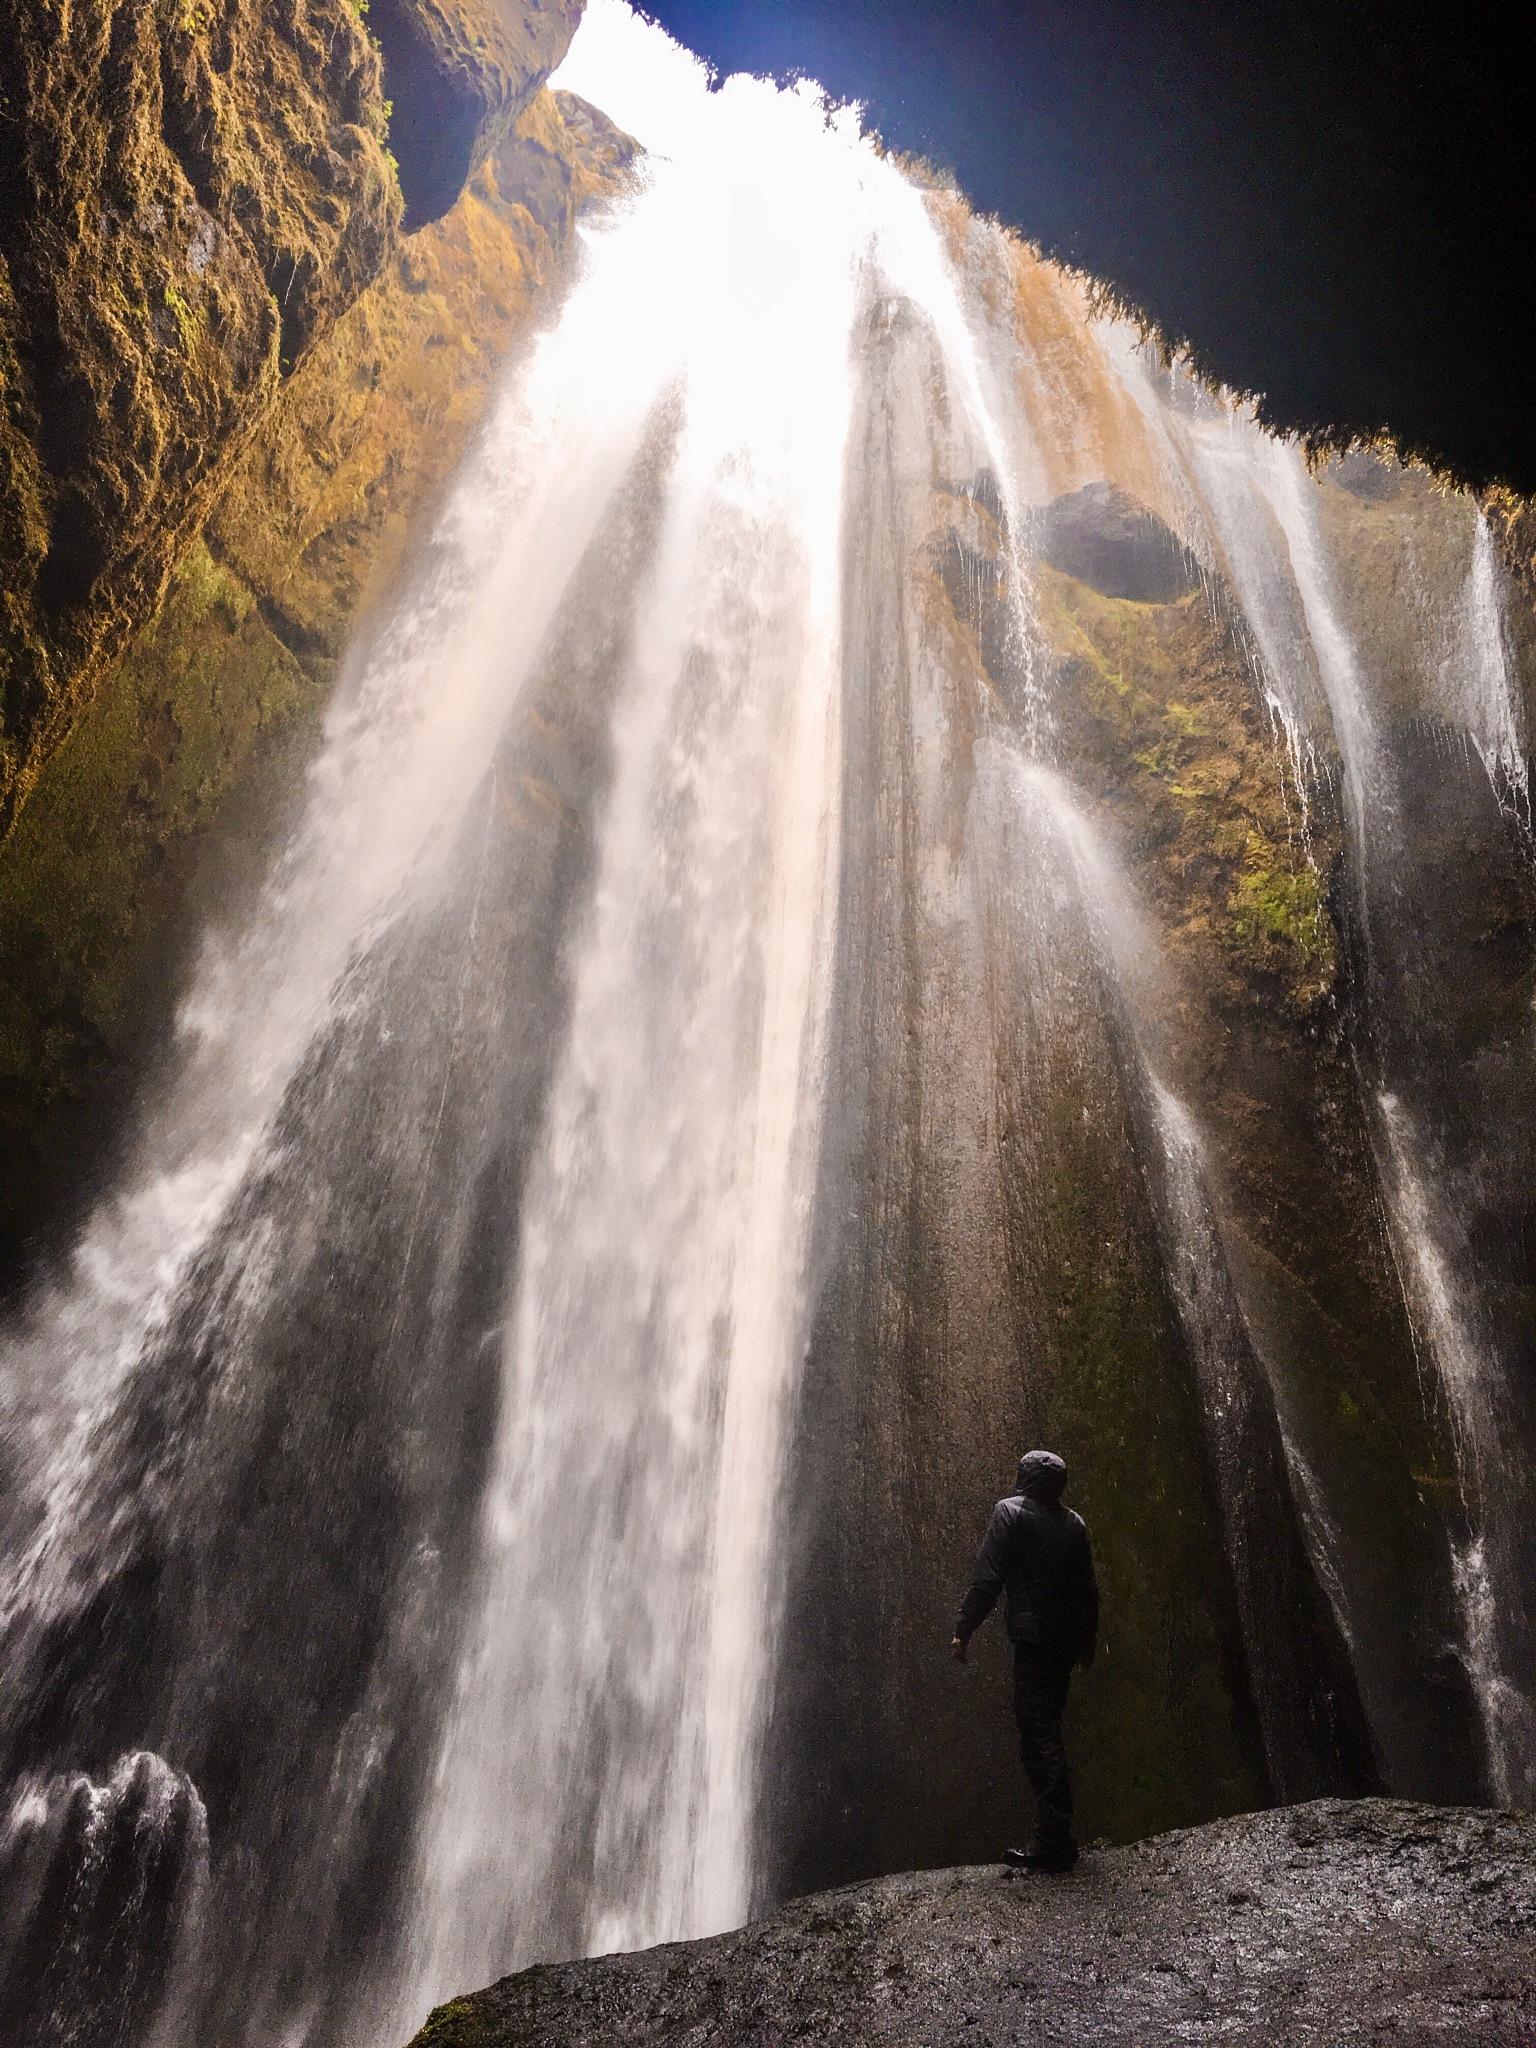 Wodospad  by agnieszkagruszewska